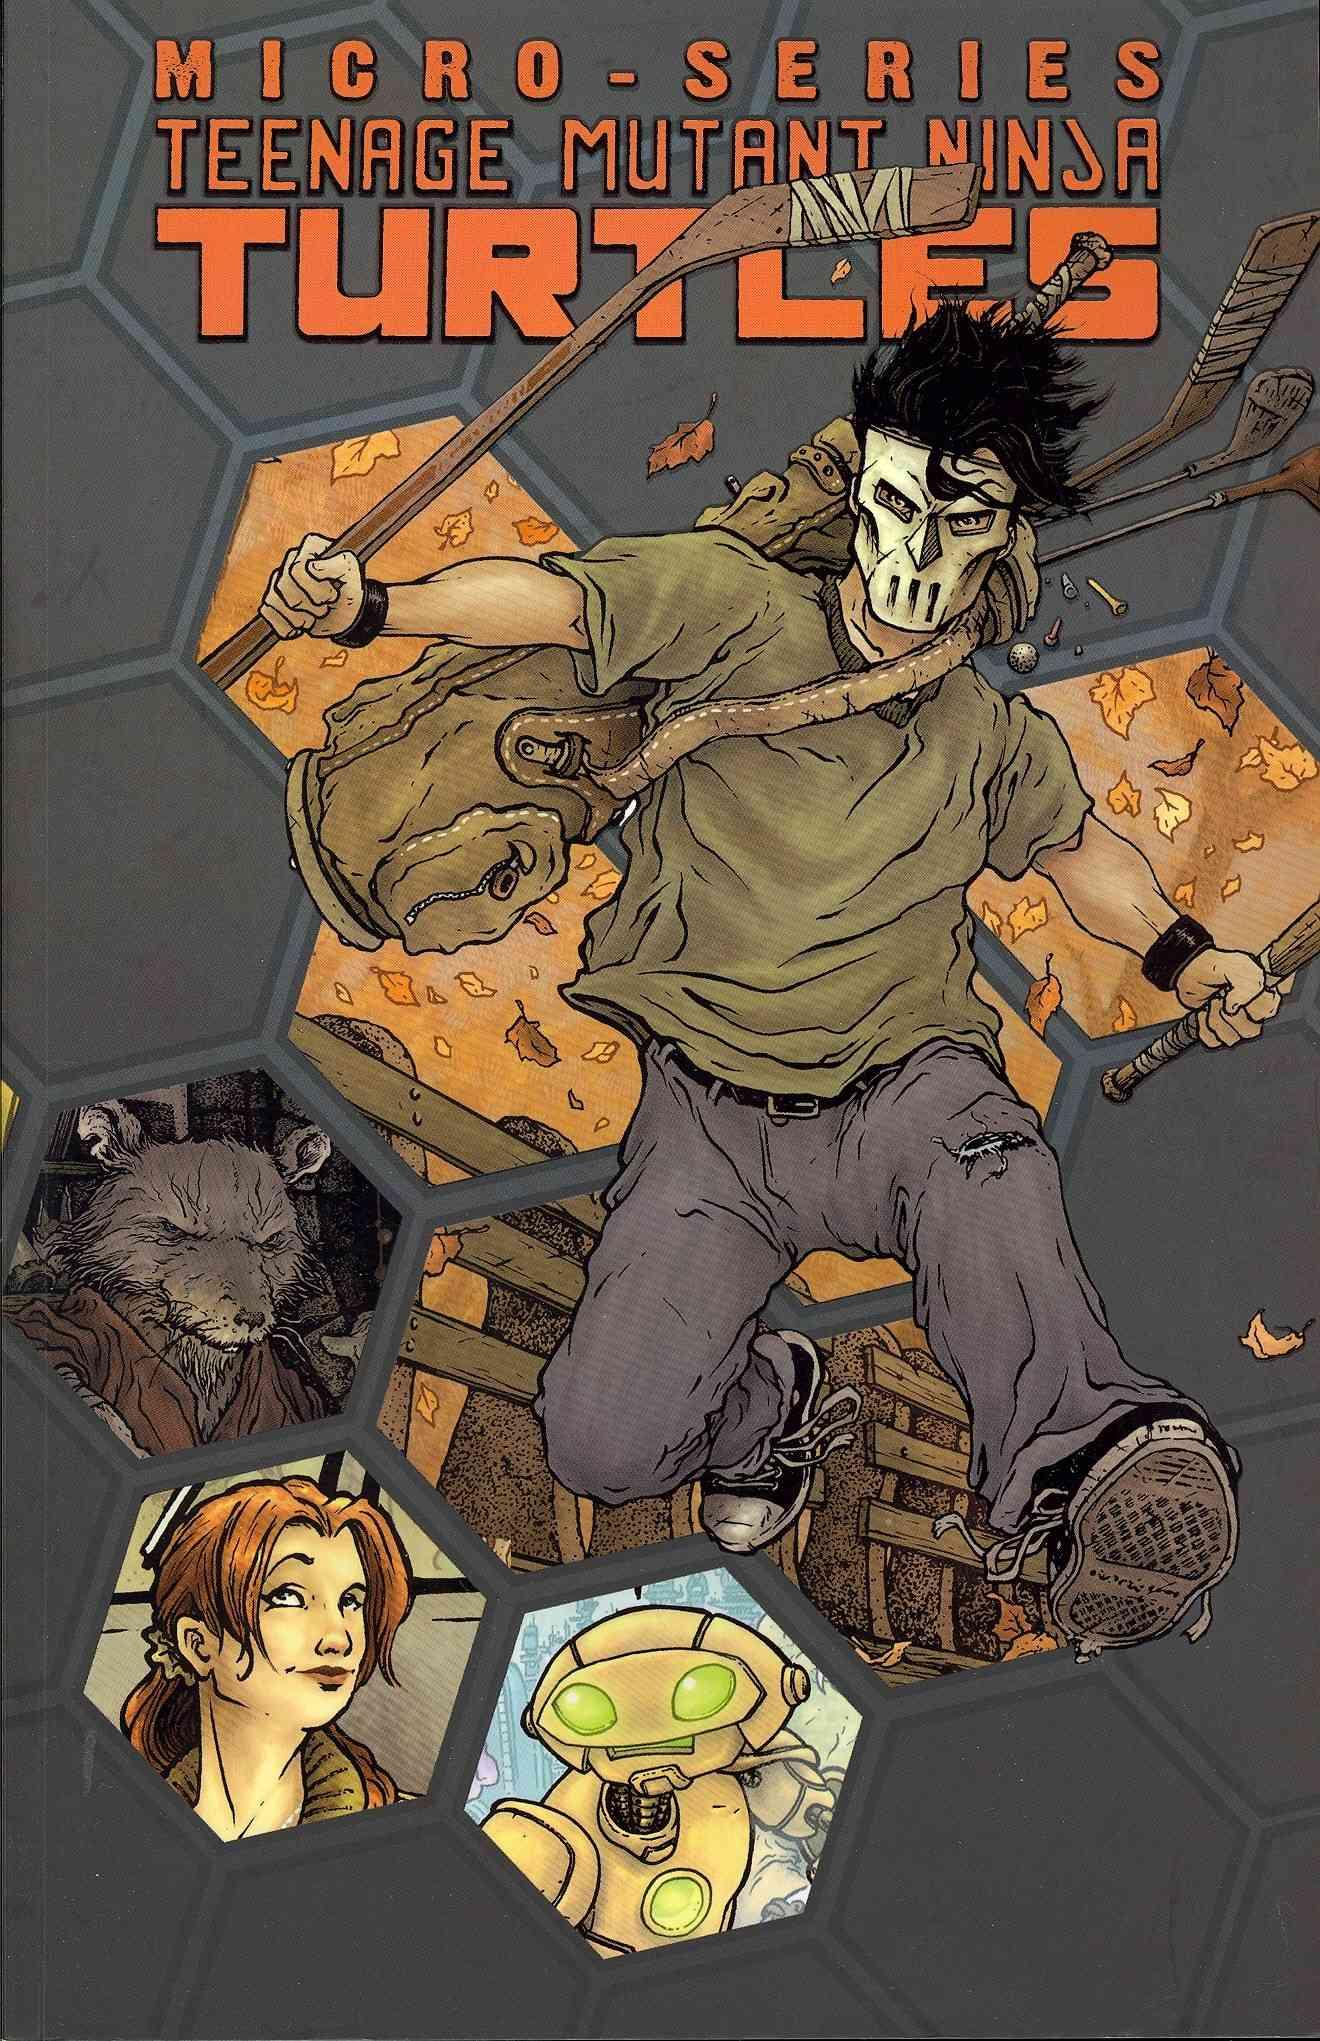 Teenage Mutant Ninja Turtles Micro-Series 2 (Paperback)